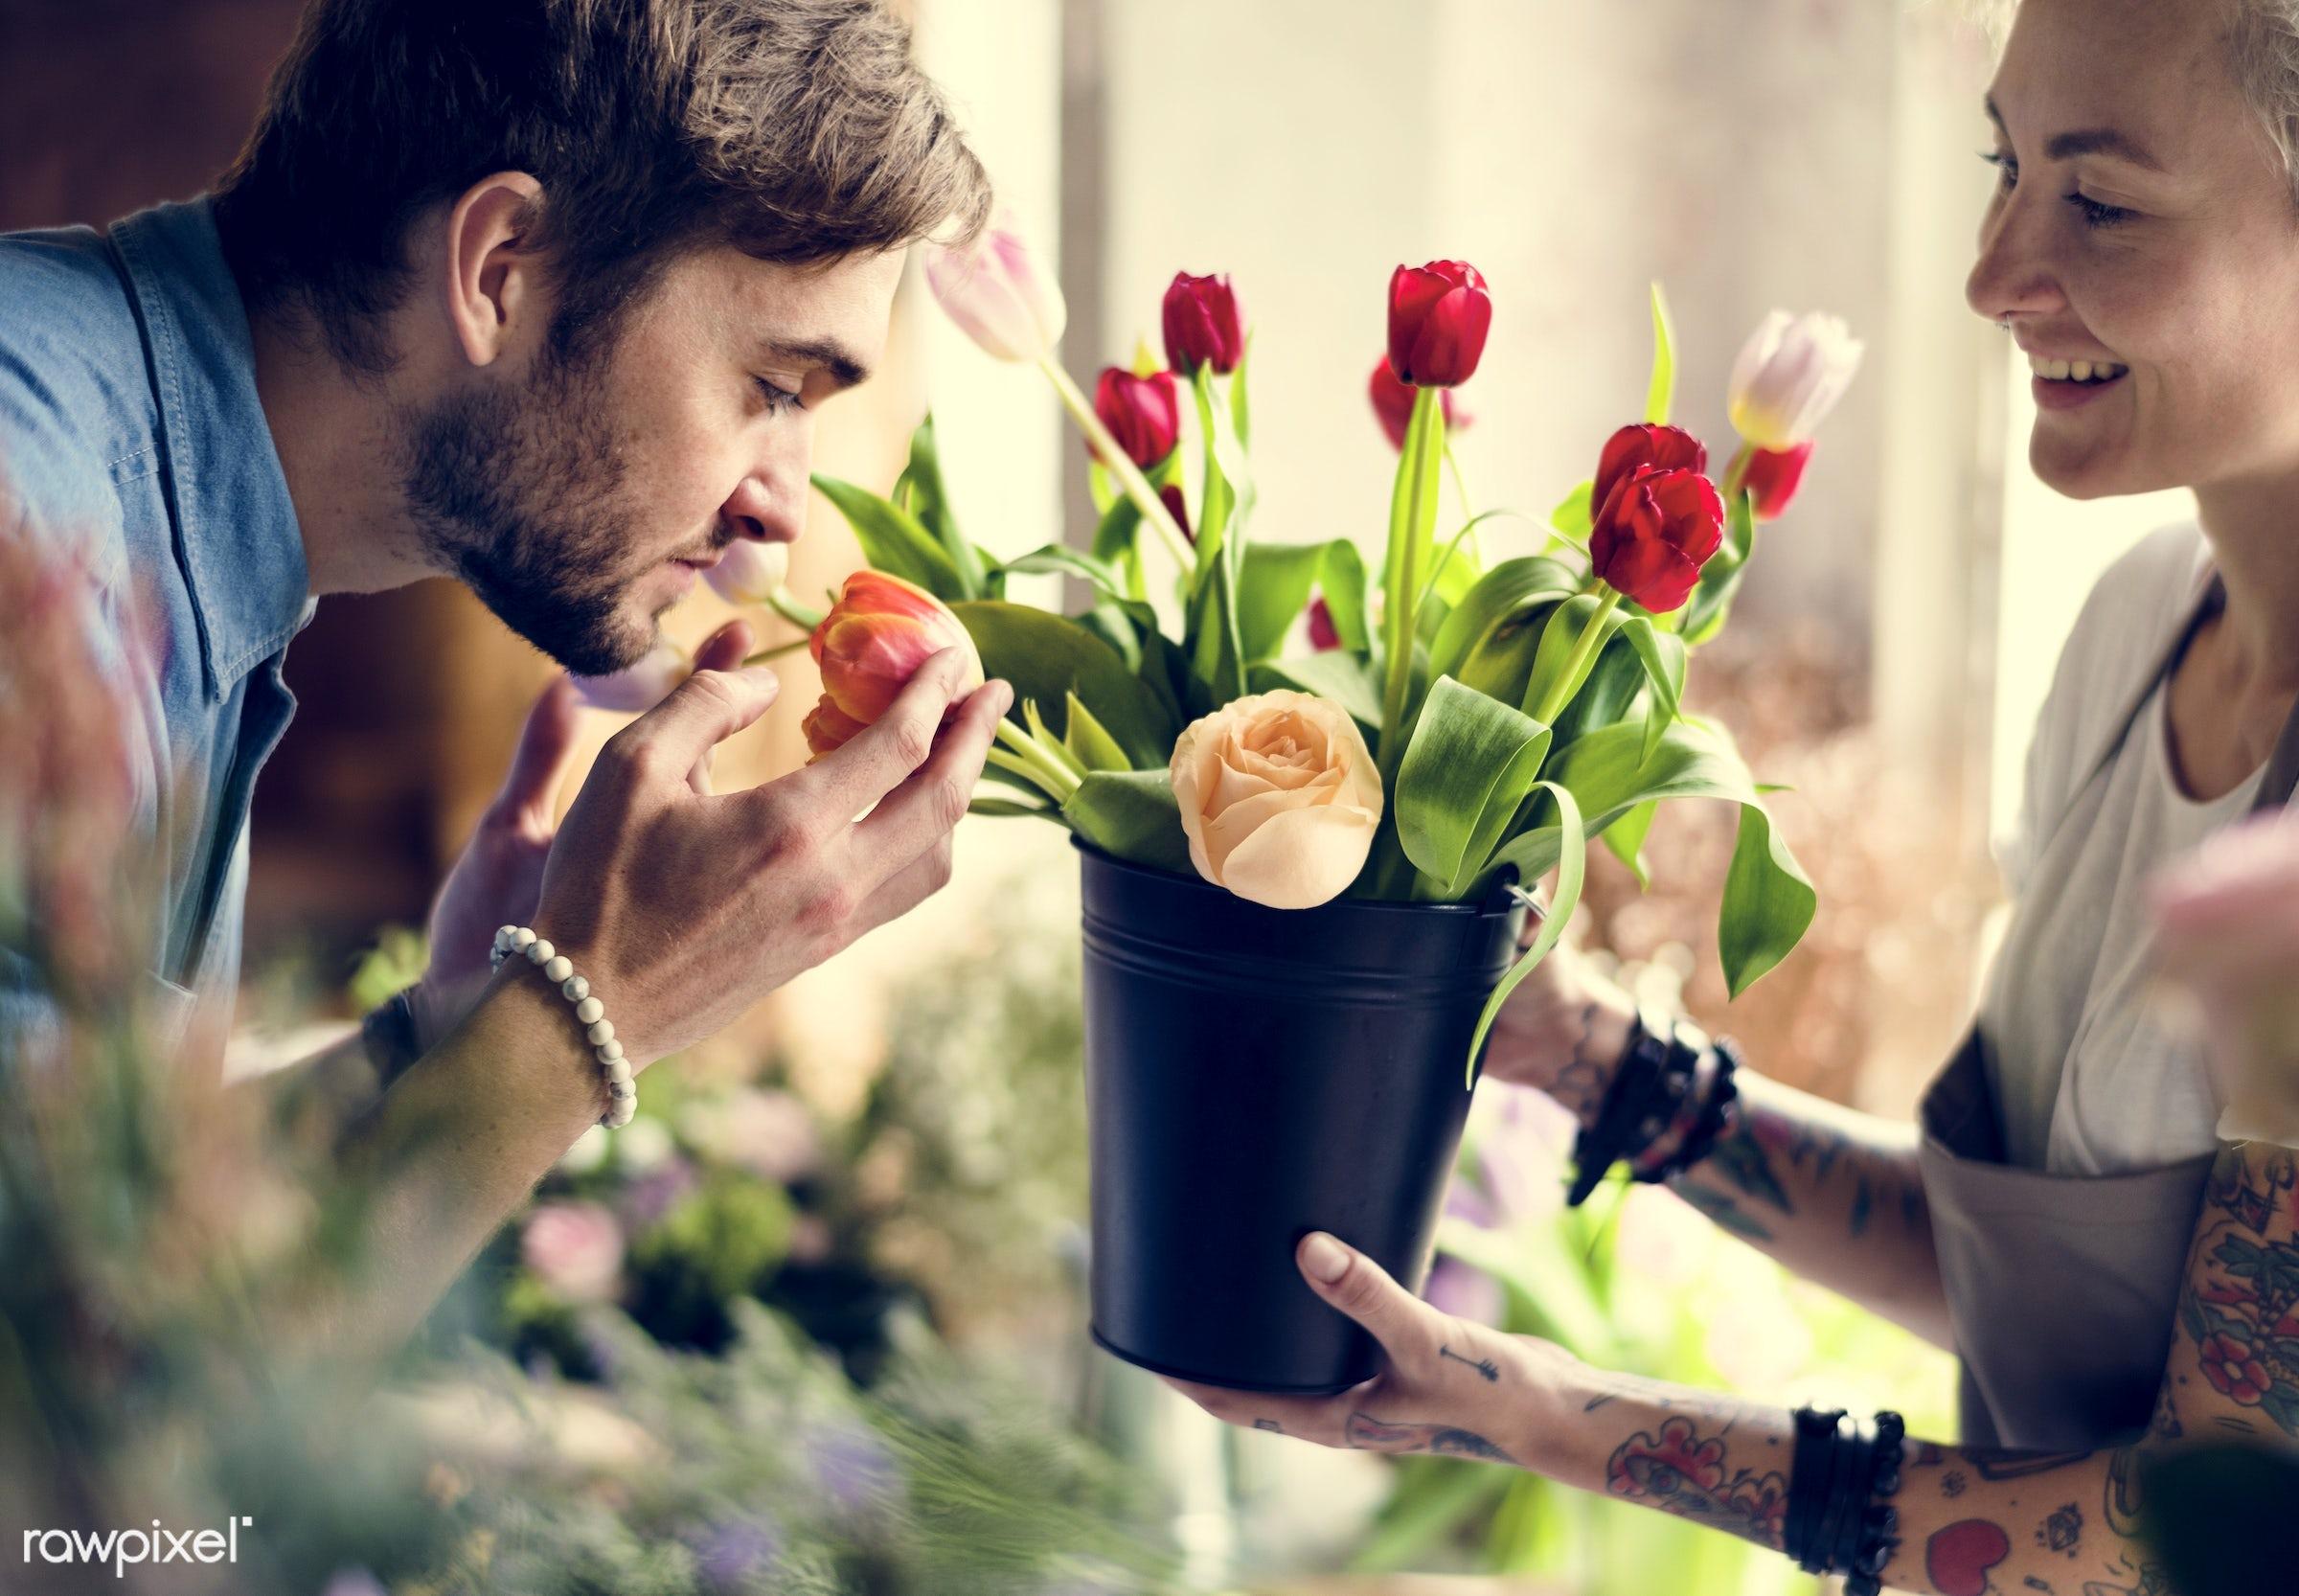 shop, bouquet, detail, person, people, pot, decor, nature, flowers, work, hold, refreshment, career, florist, present,...